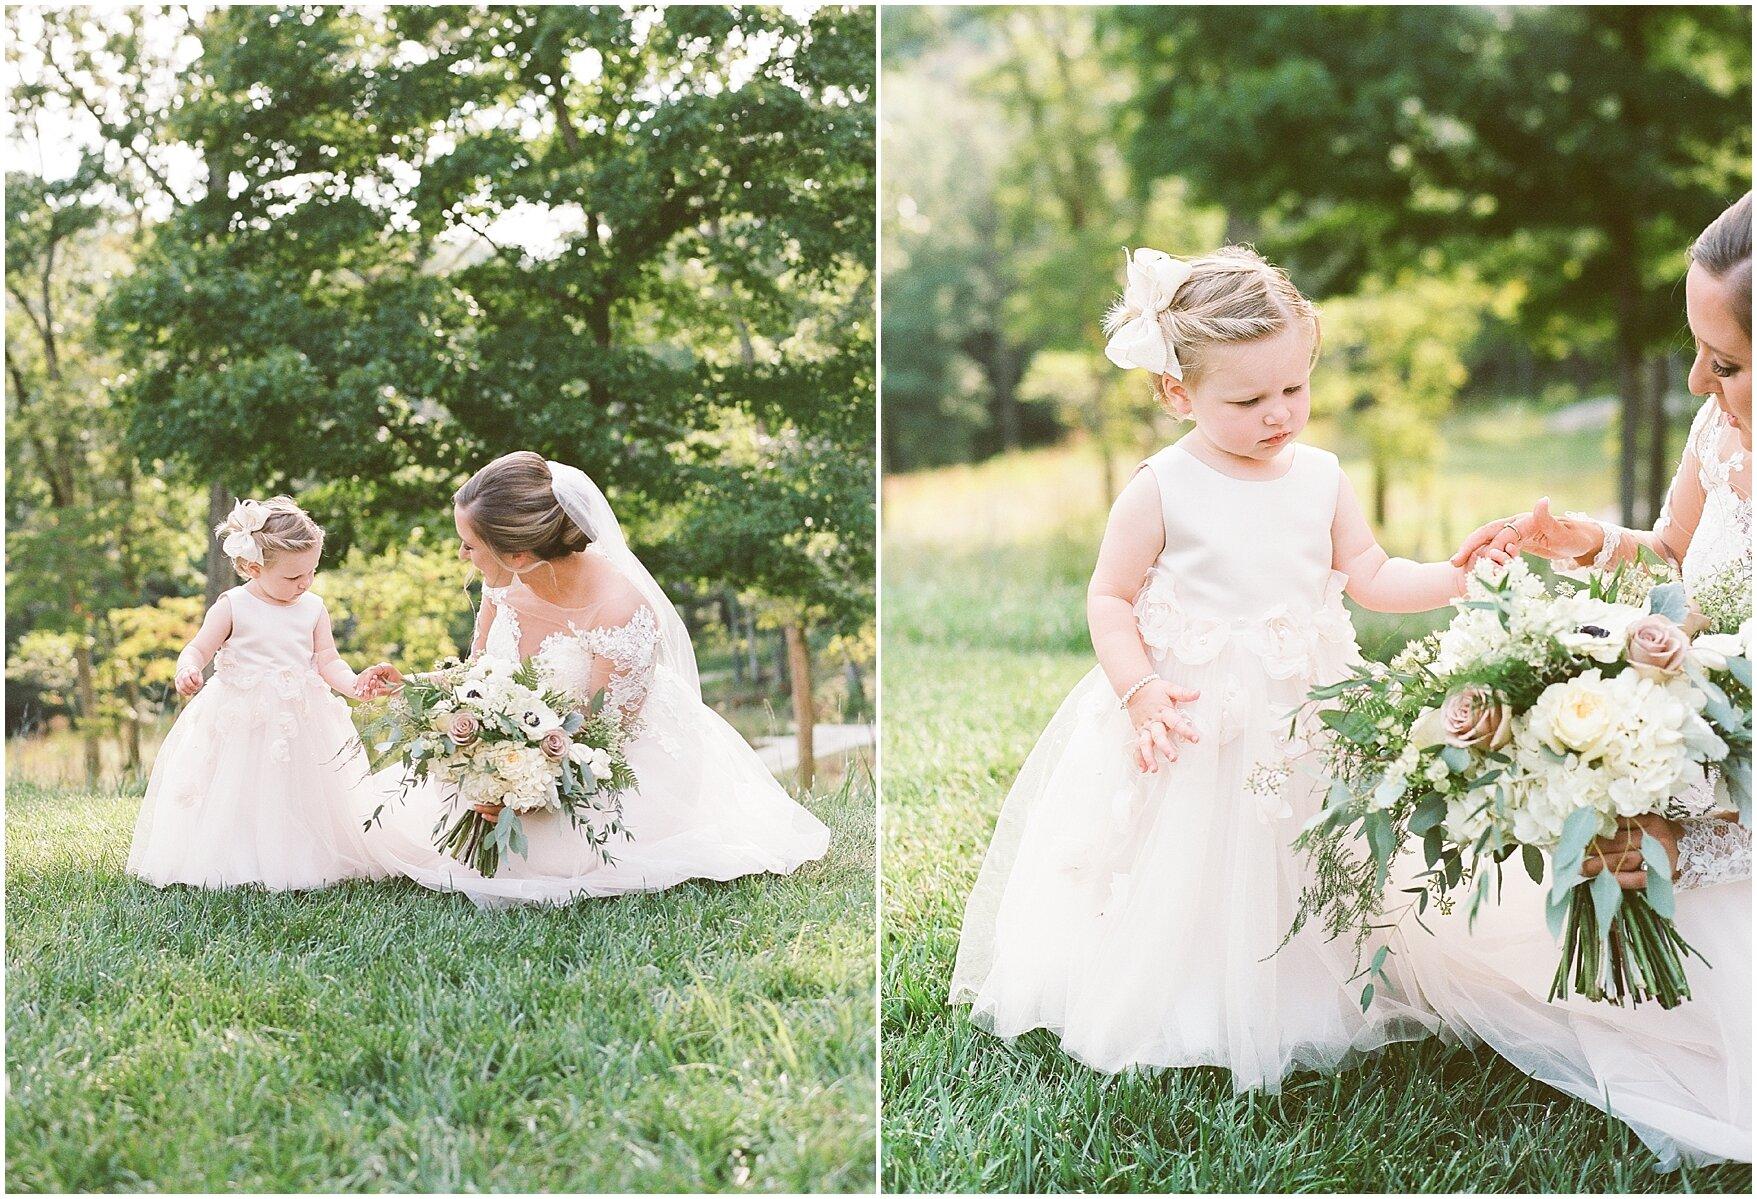 st louis photography_maternity_lauren muckler photography_film_st louis film photographer_0640.jpg